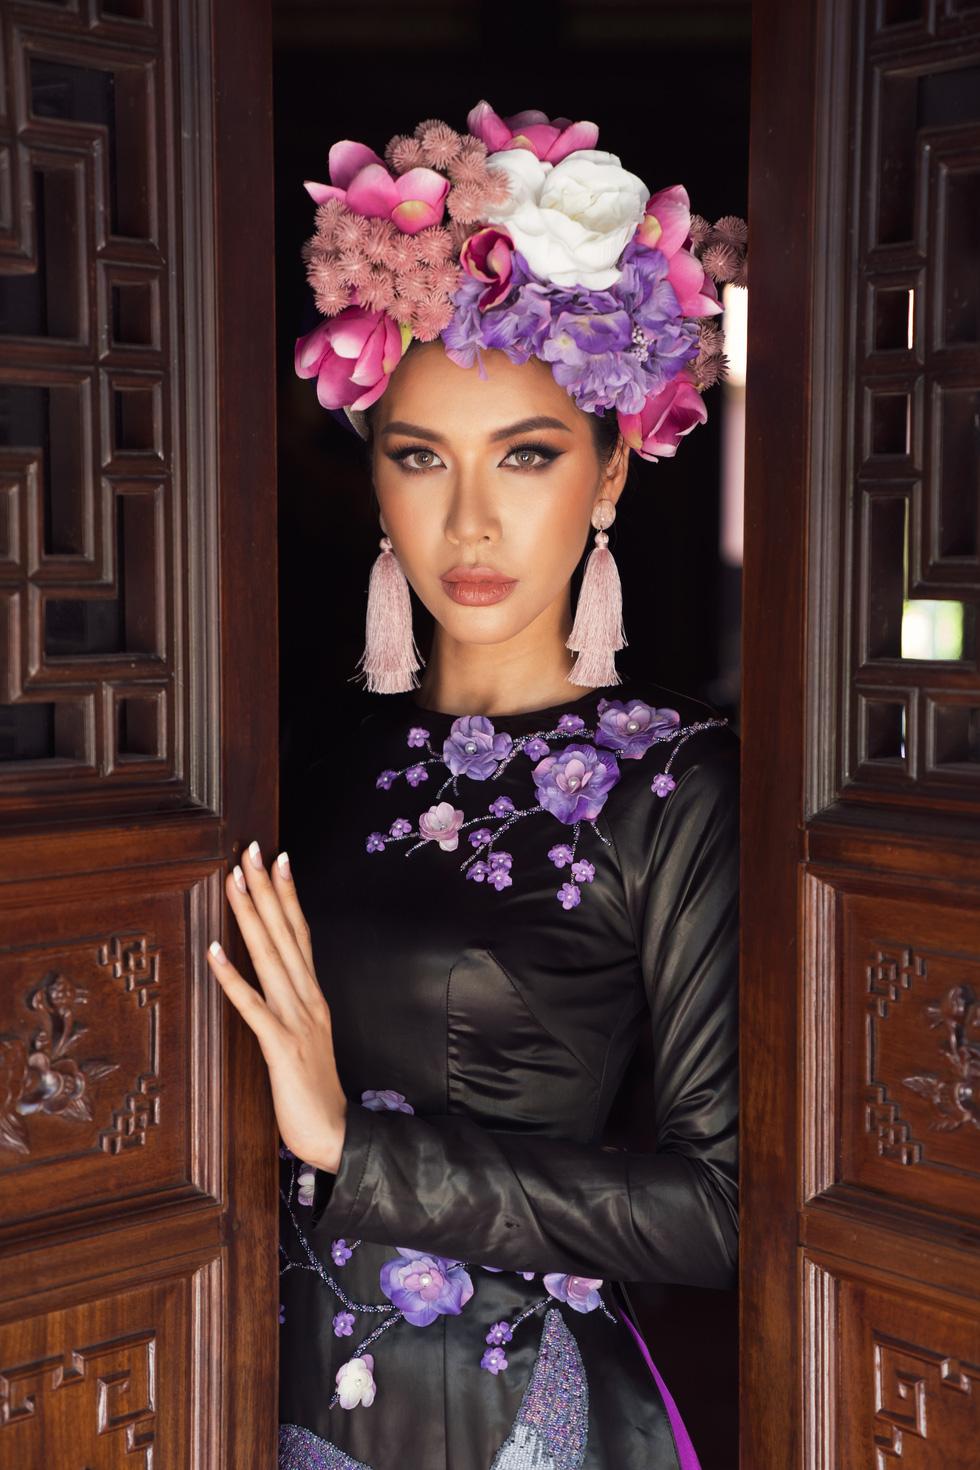 Hoa hậu Phương Khánh, Minh Tú khoe sắc trong bộ sưu tập áo dài Bay lả bay la - Ảnh 5.